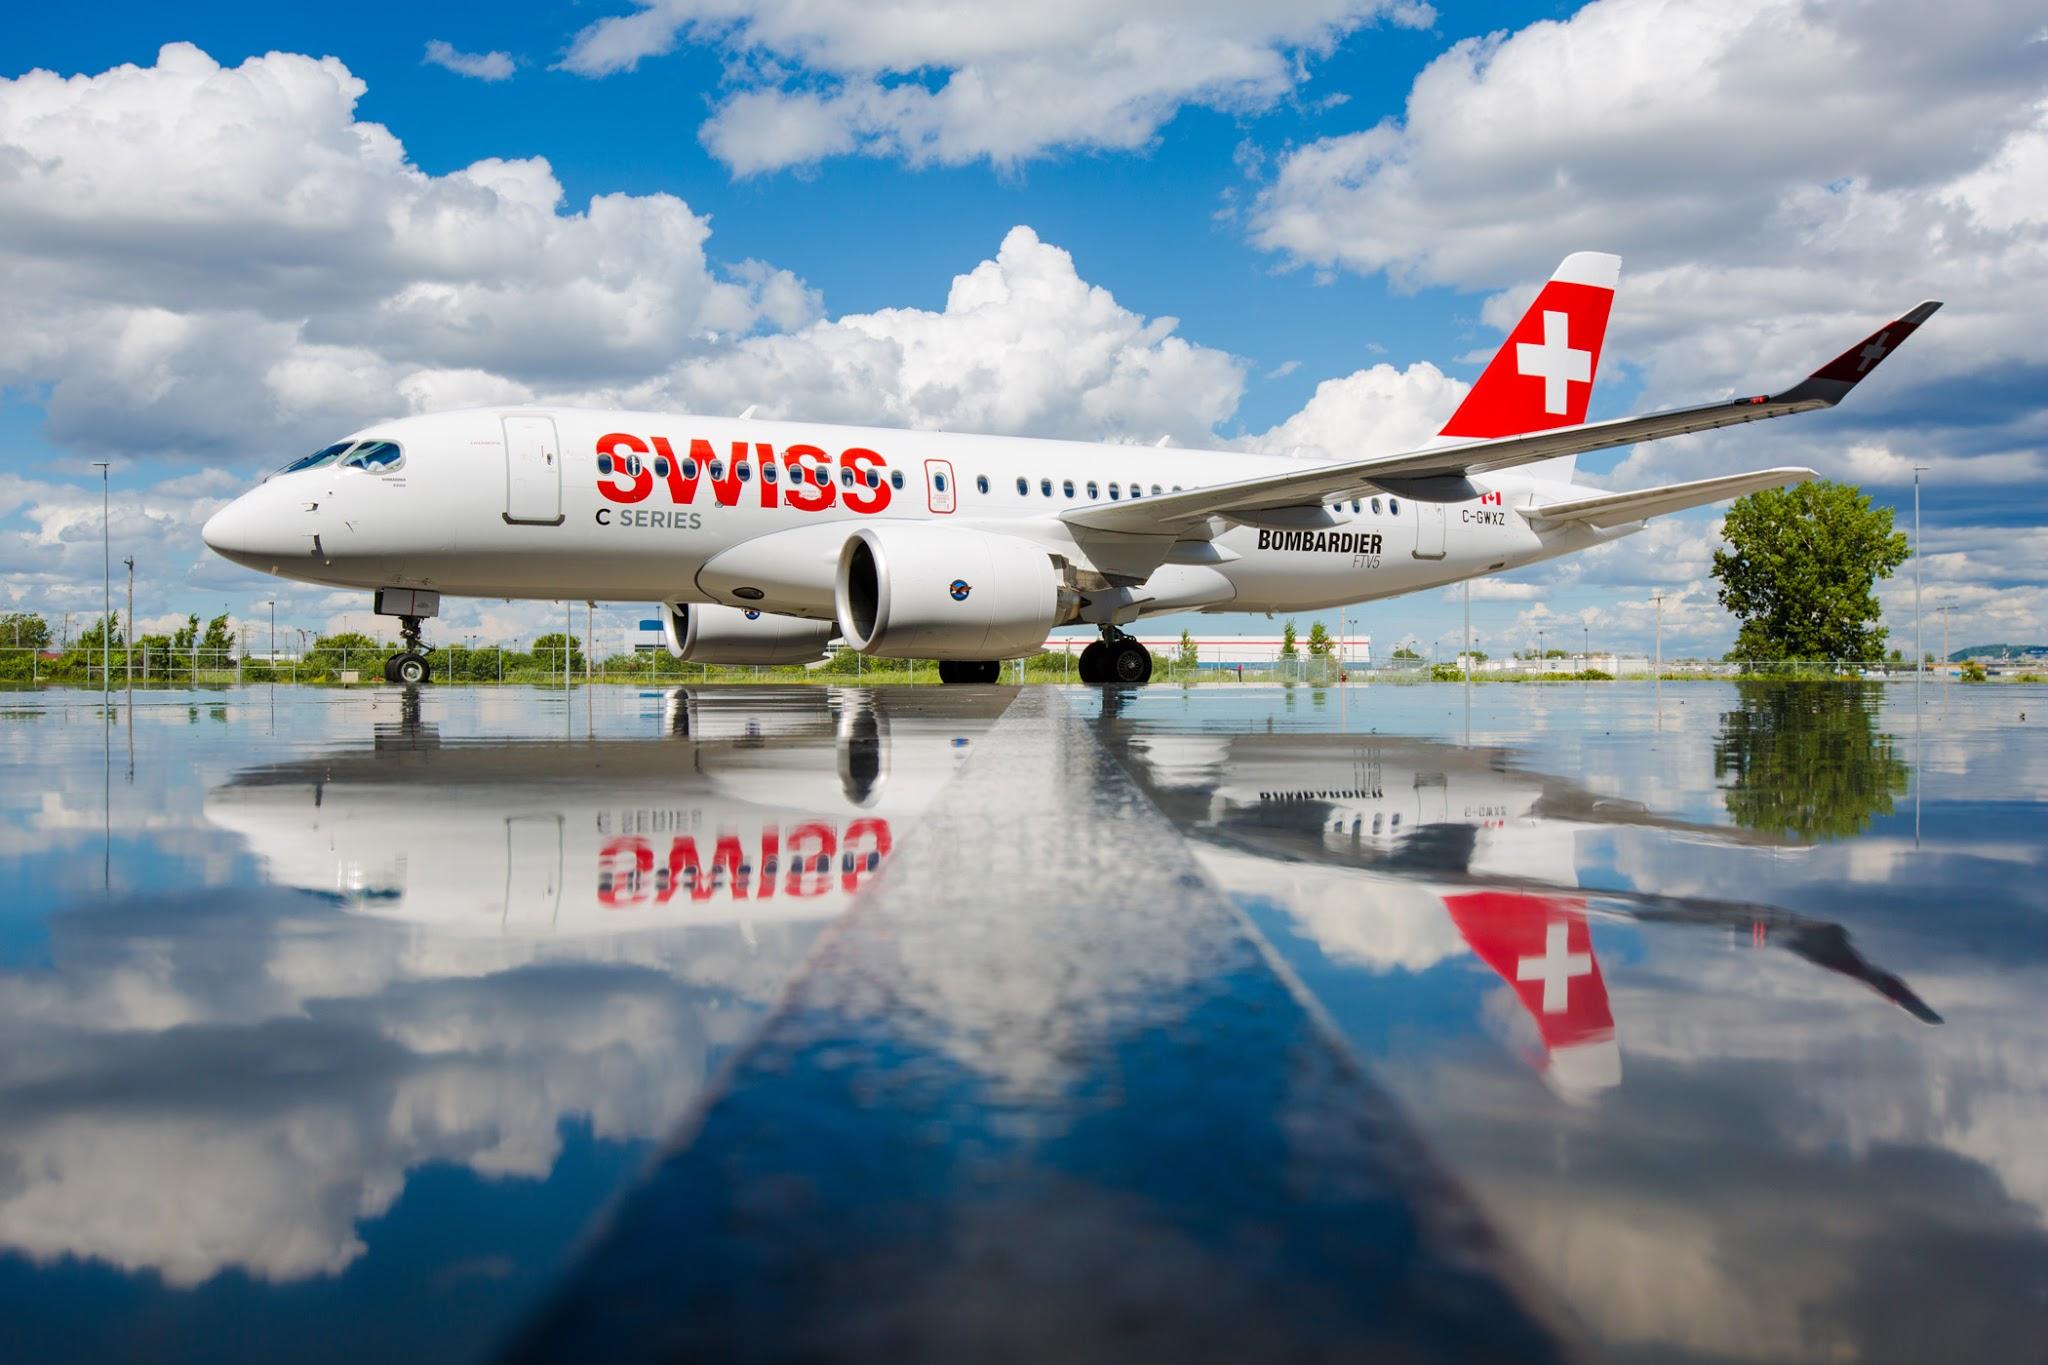 É MAIS QUE VOAR | Bombardier anuncia presença no Dubai Airshow 2015 com a estréia do C Series C